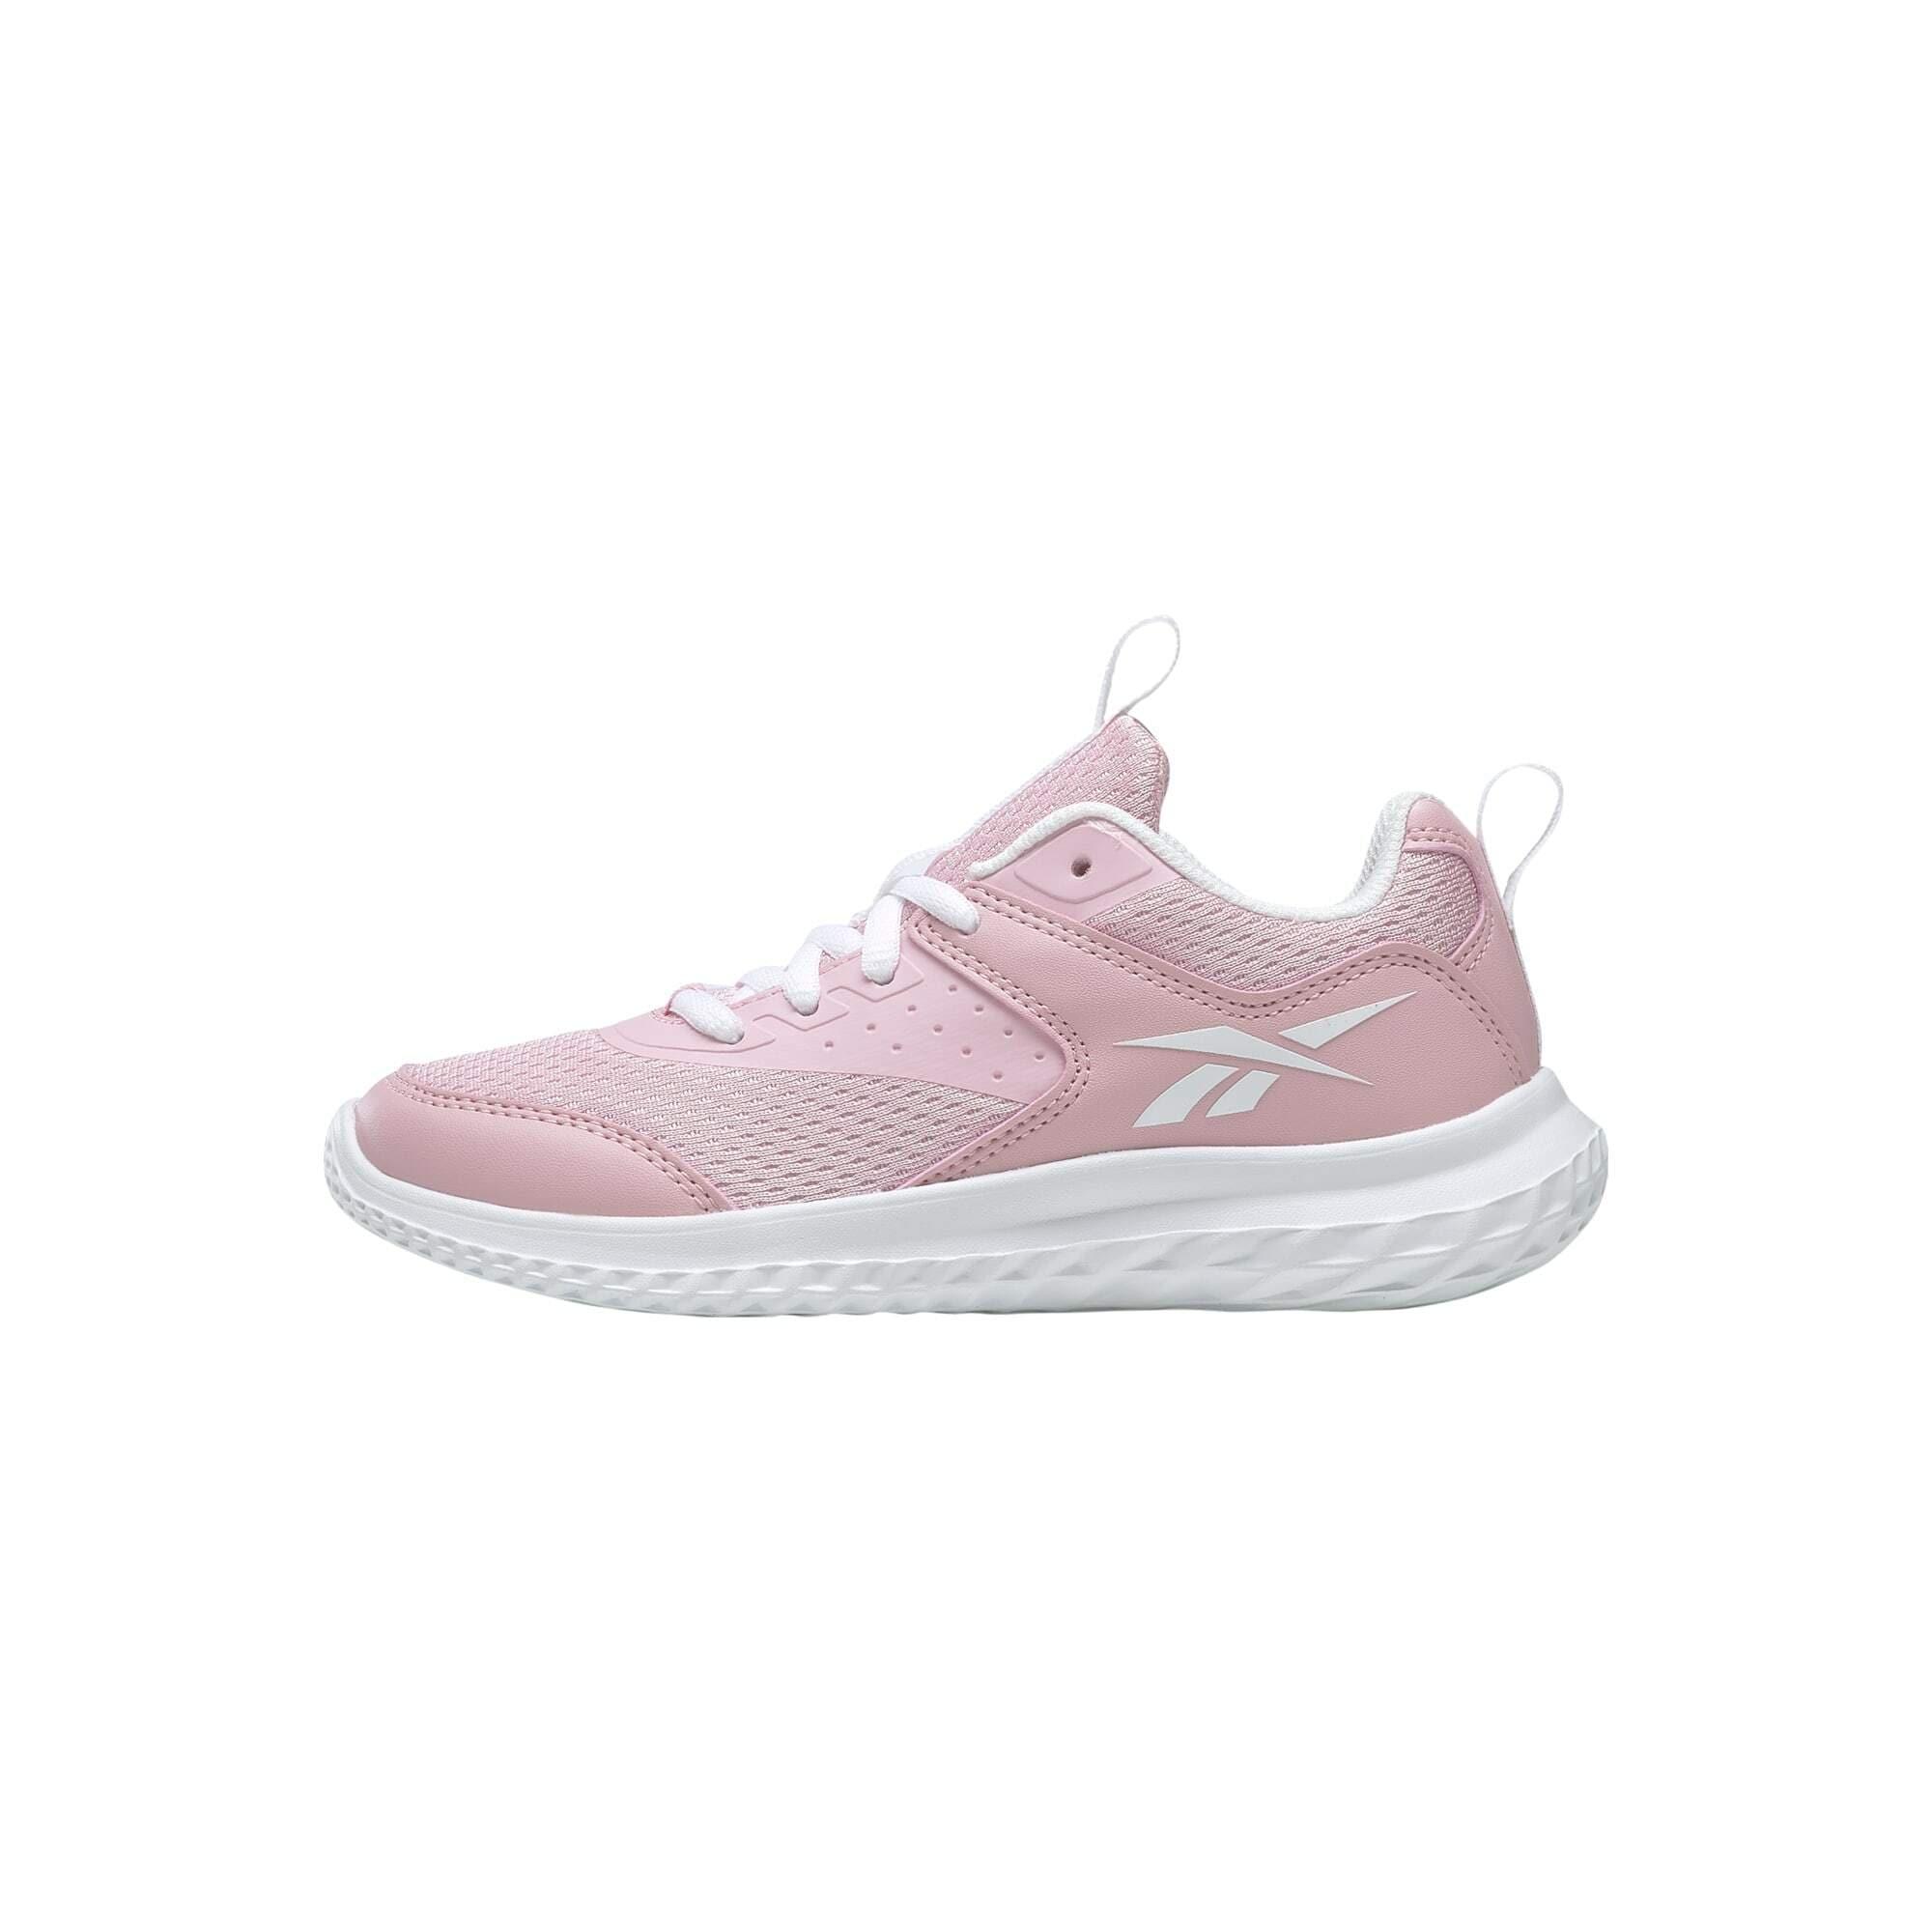 REEBOK Sportiniai batai 'Rush Runner 4' rožių spalva / balta